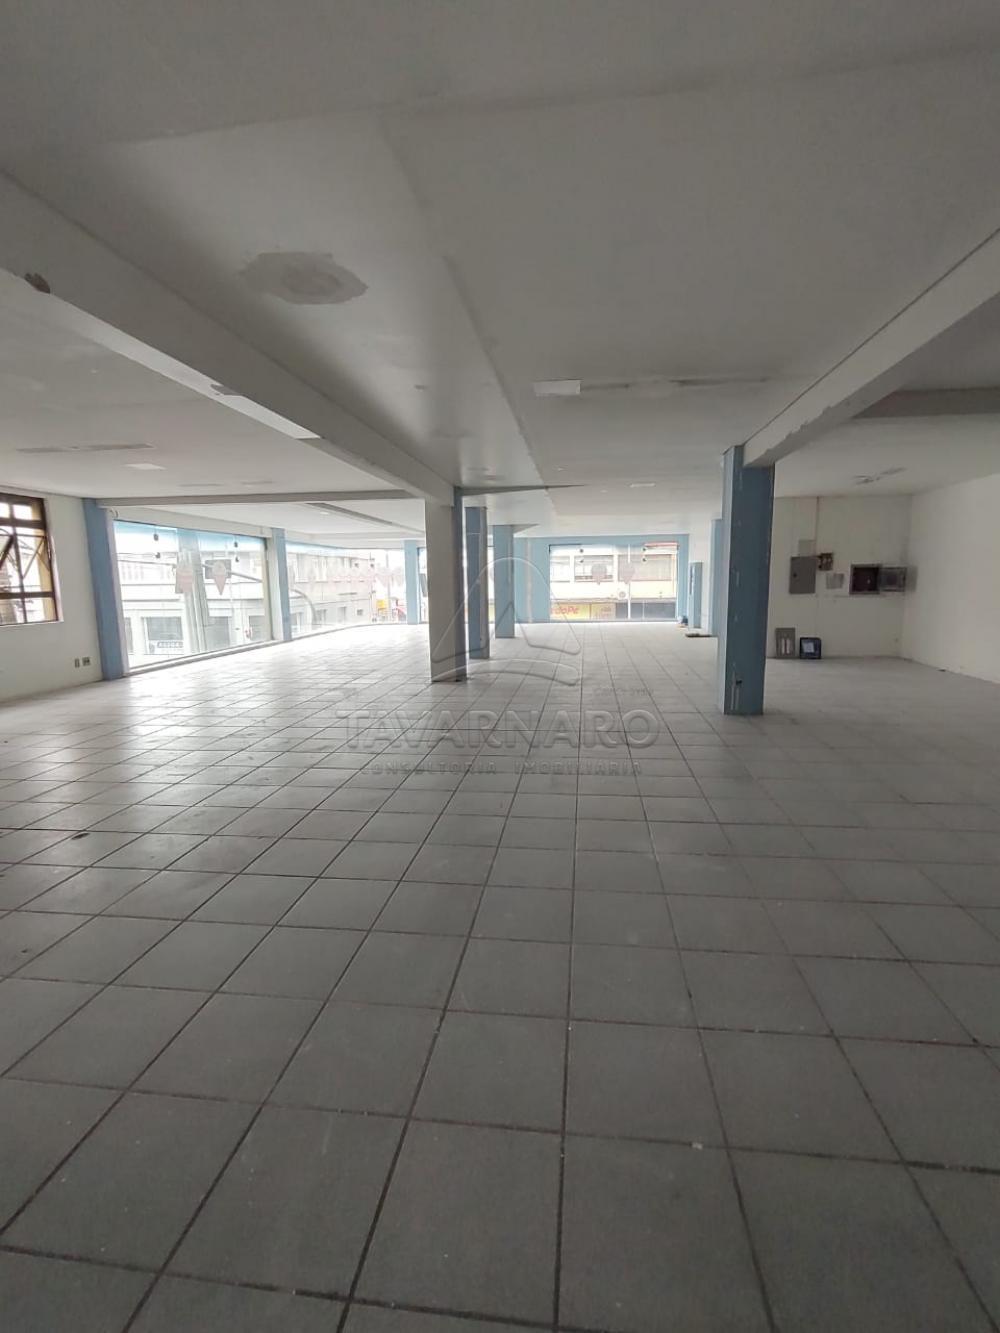 Alugar Comercial / Sala em Ponta Grossa R$ 5.142,00 - Foto 2